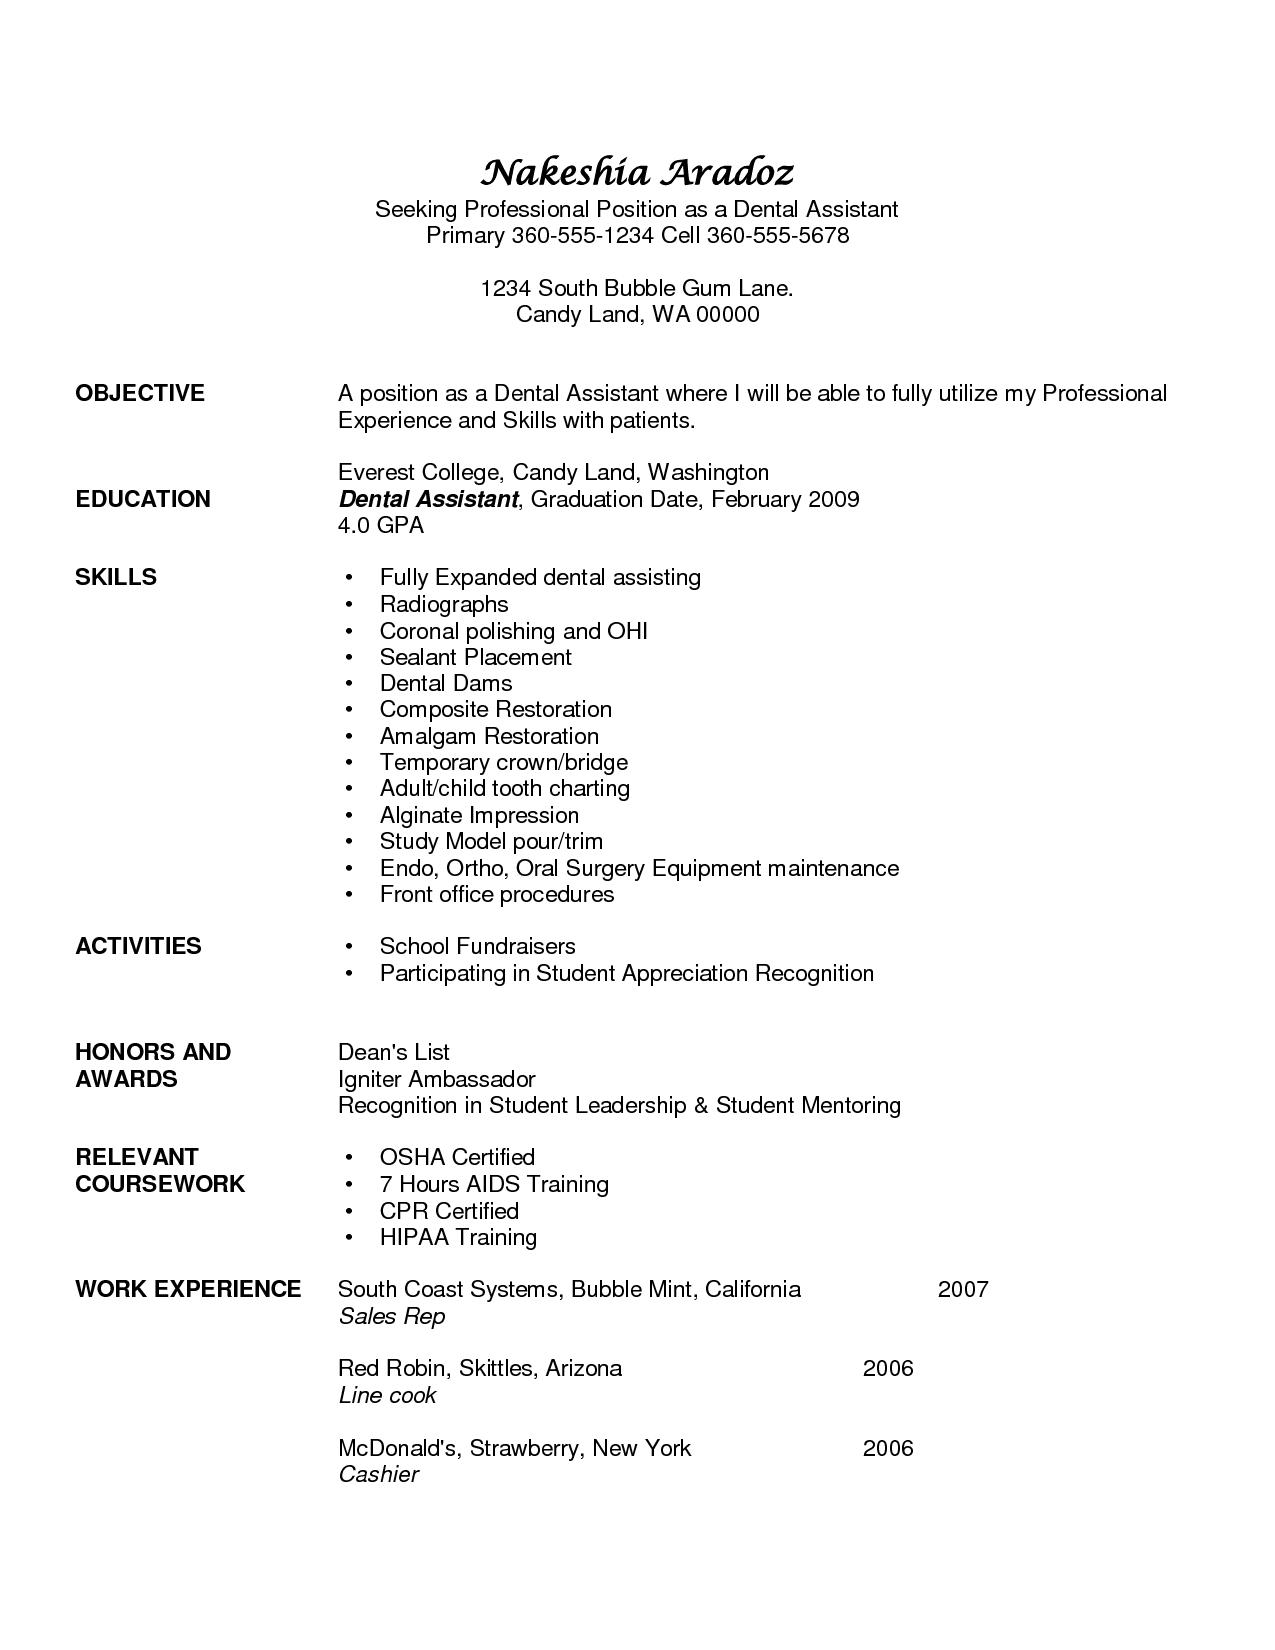 Dental Student Resume Http Www Resumecareer Info Dental Student Resume 4 Dental Hygiene Resume Cover Letter For Resume Dental Hygienist Resume